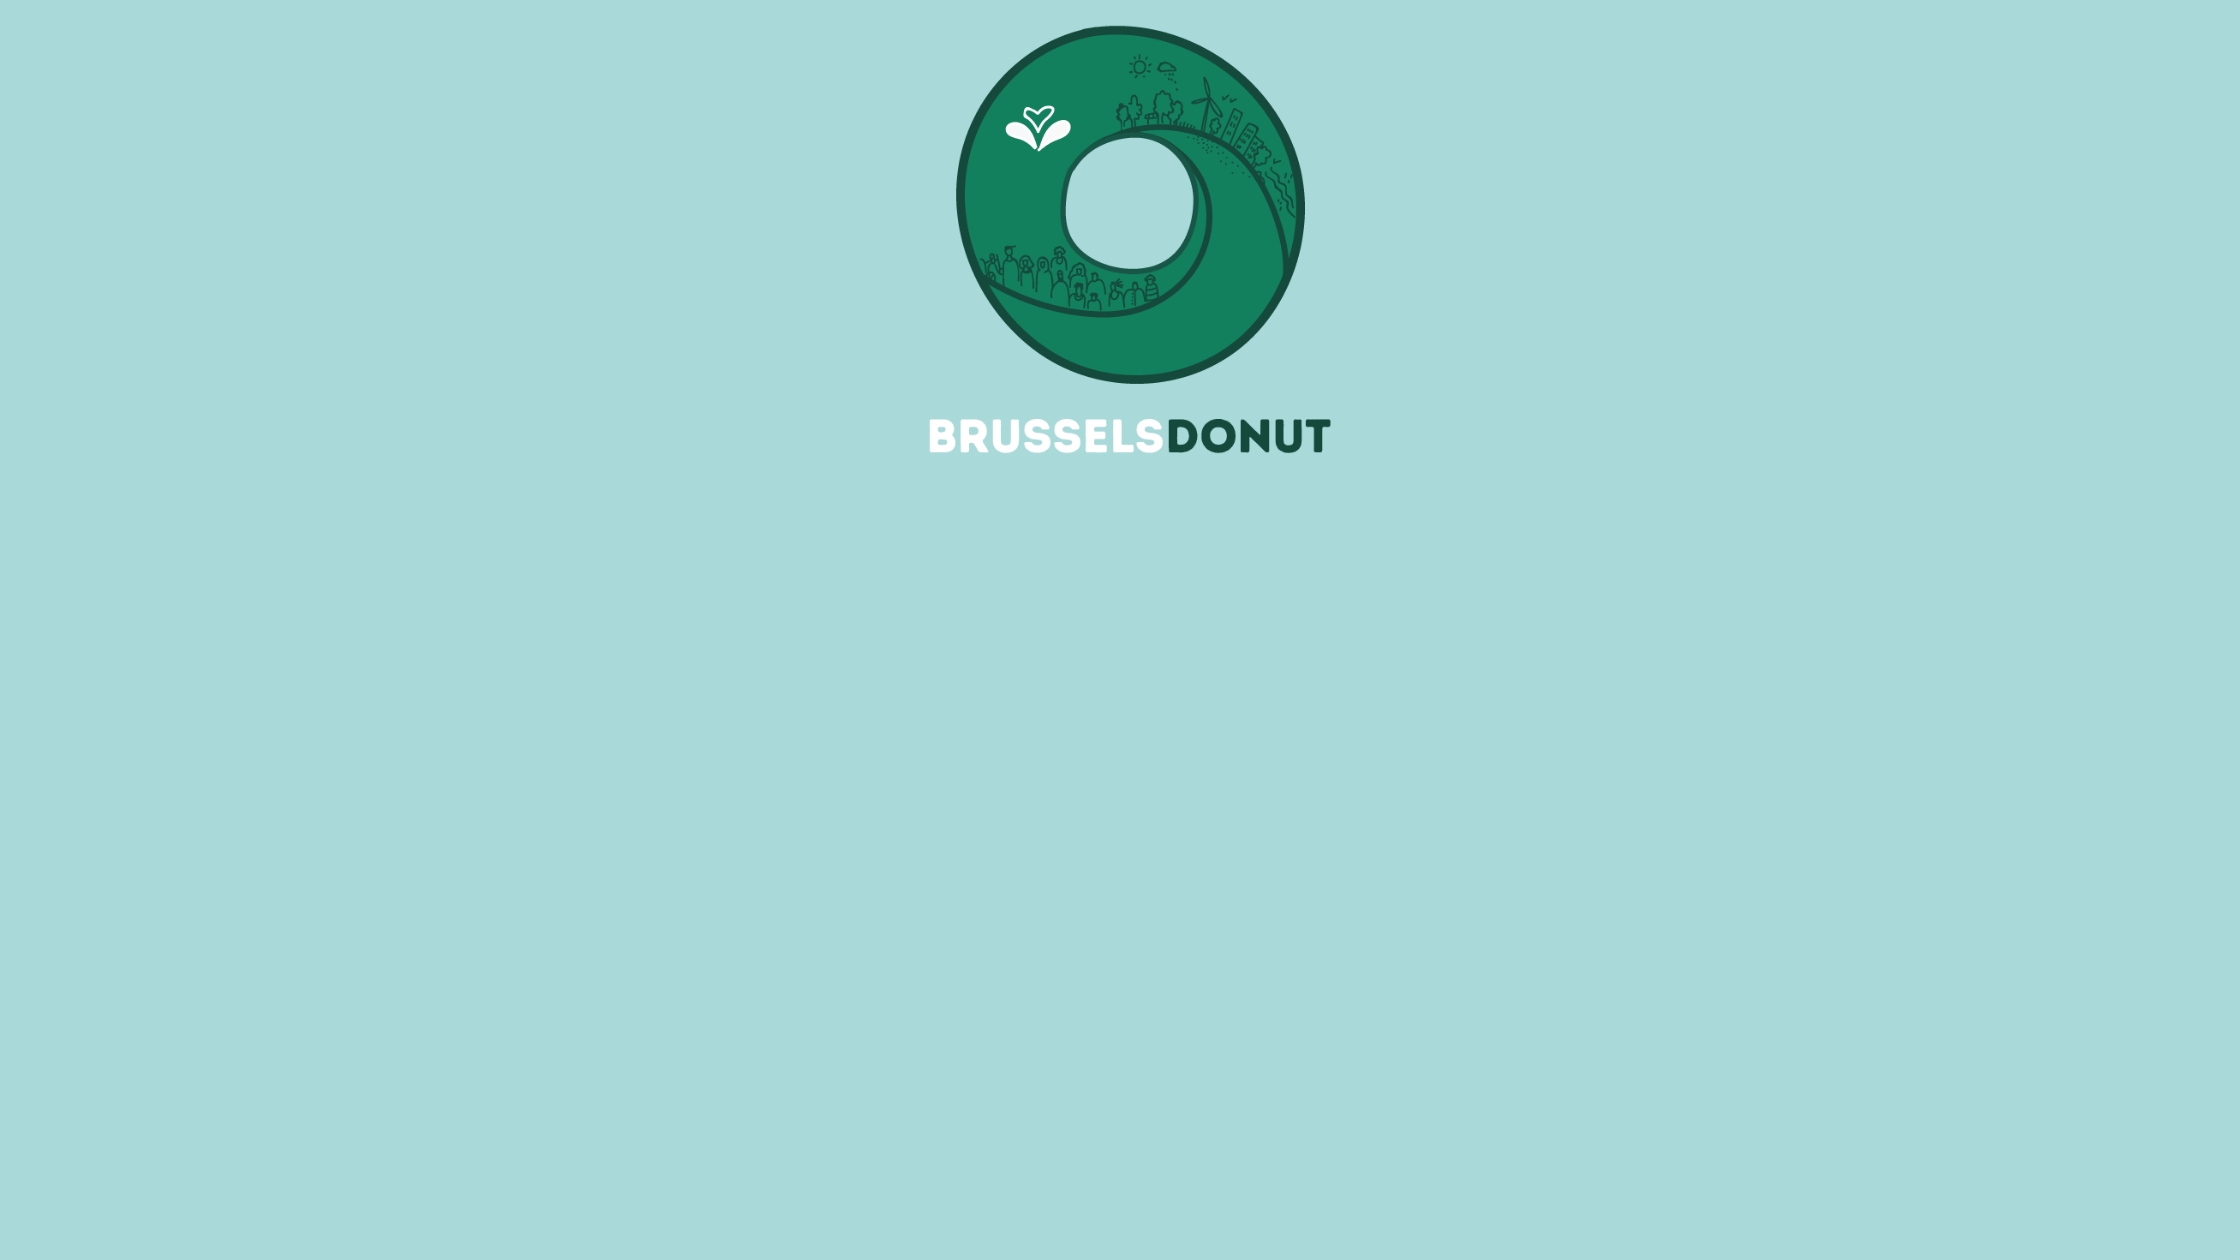 La Région bruxelloise mise sur la théorie du Donut pour transformer son économie